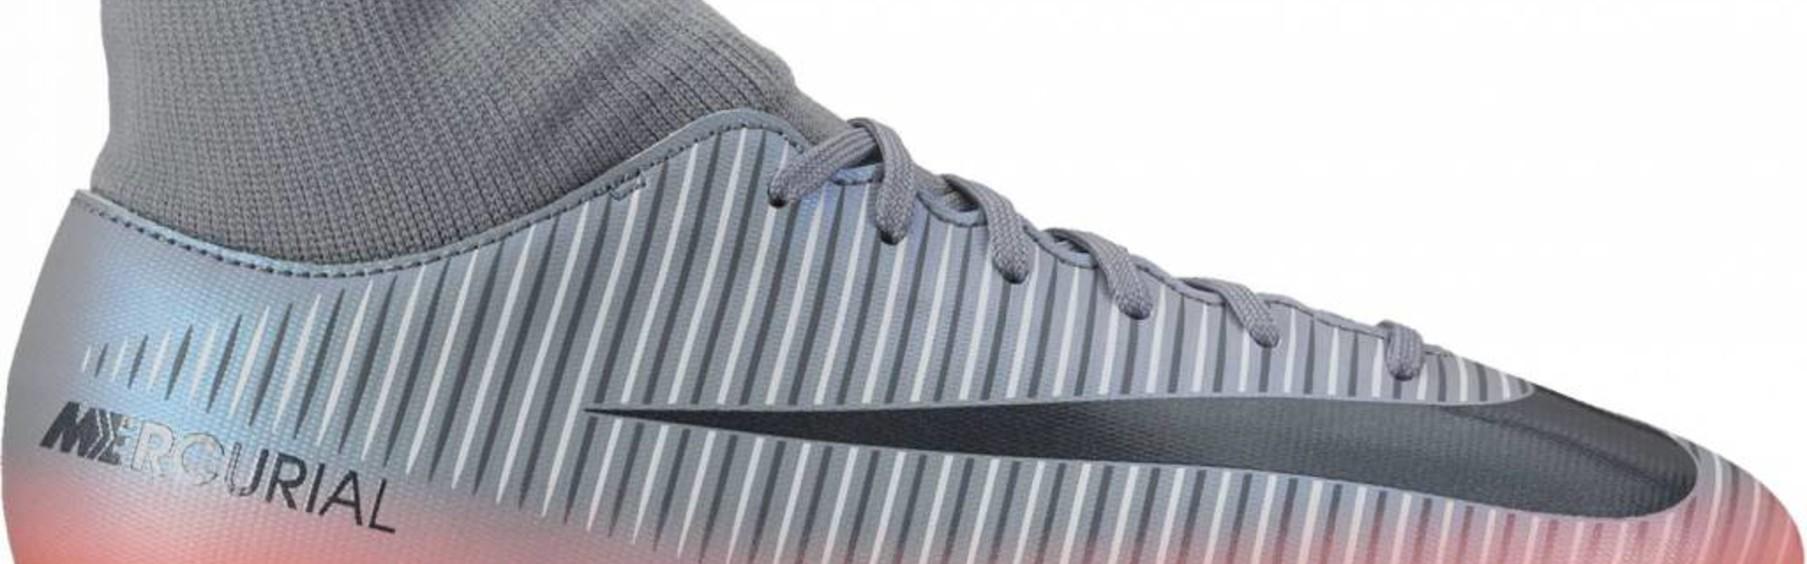 promo code 151e3 78a84 Wat is beter voetbalschoenen met sokje of zonder